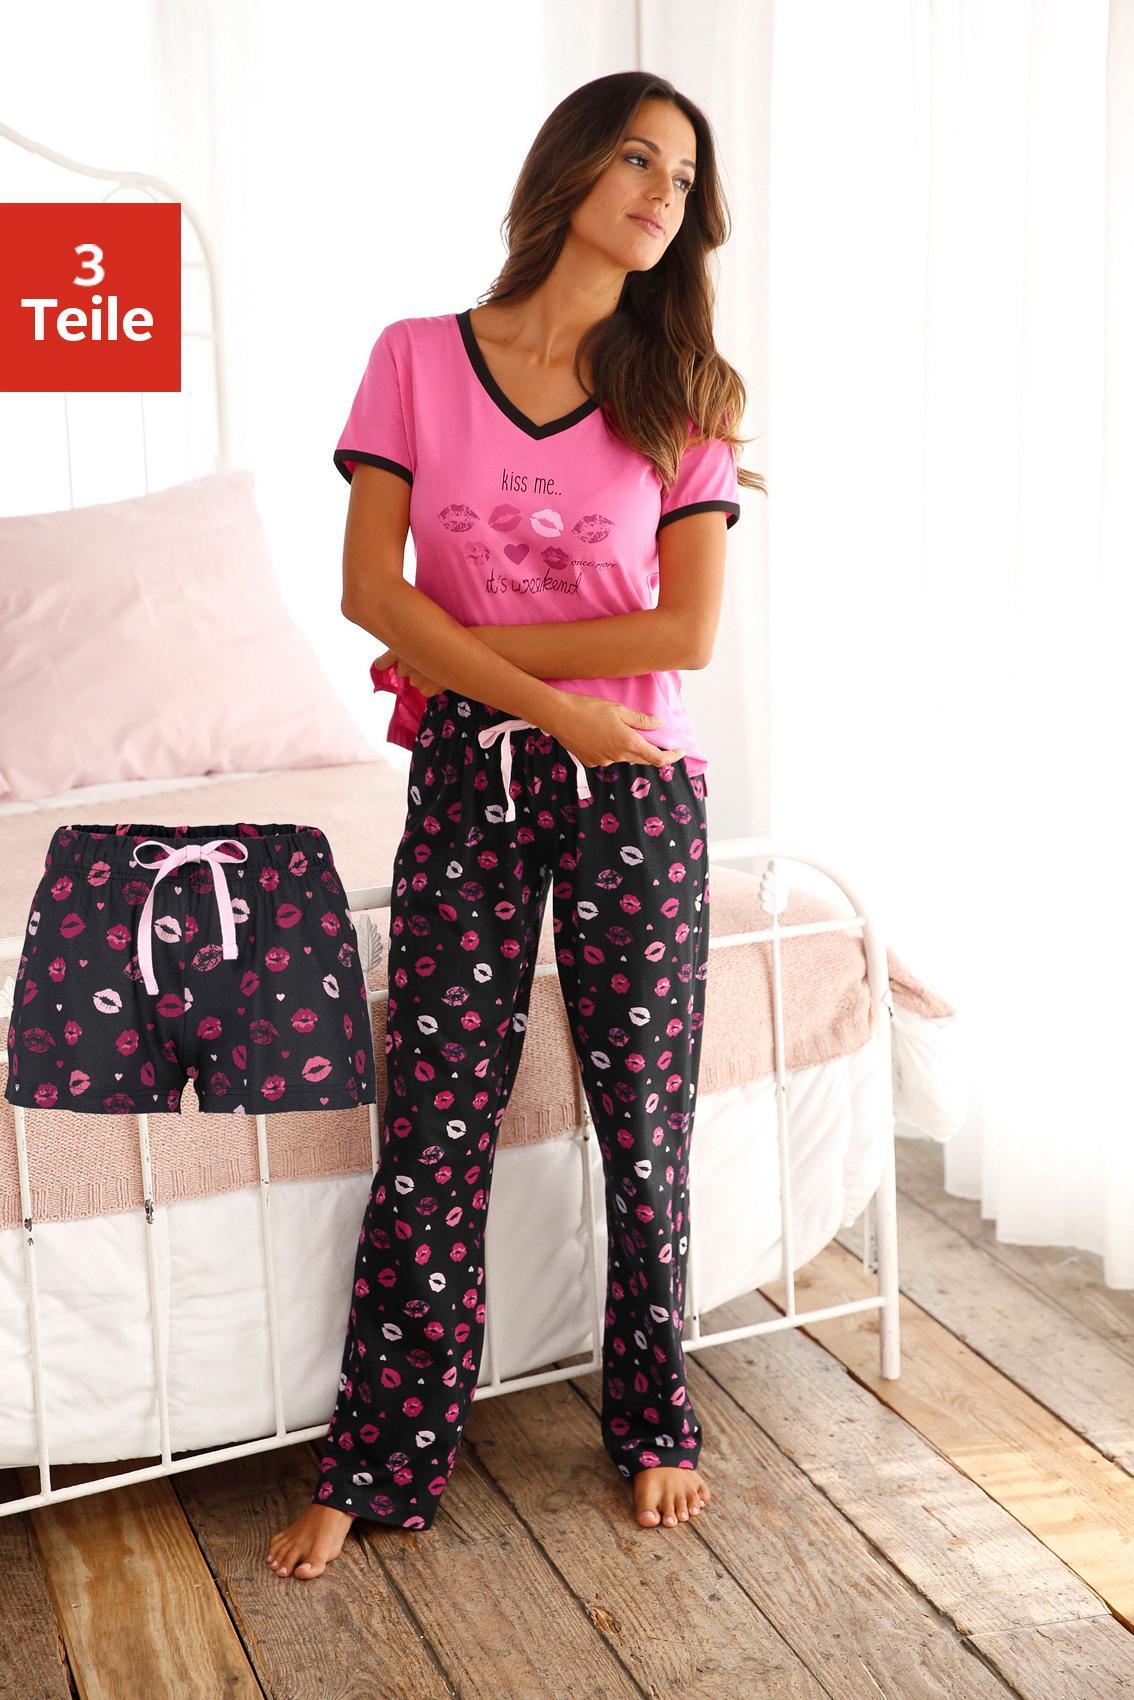 Vivance Dreams Pyjama-Set (3-teilig) mit Kussmund Print